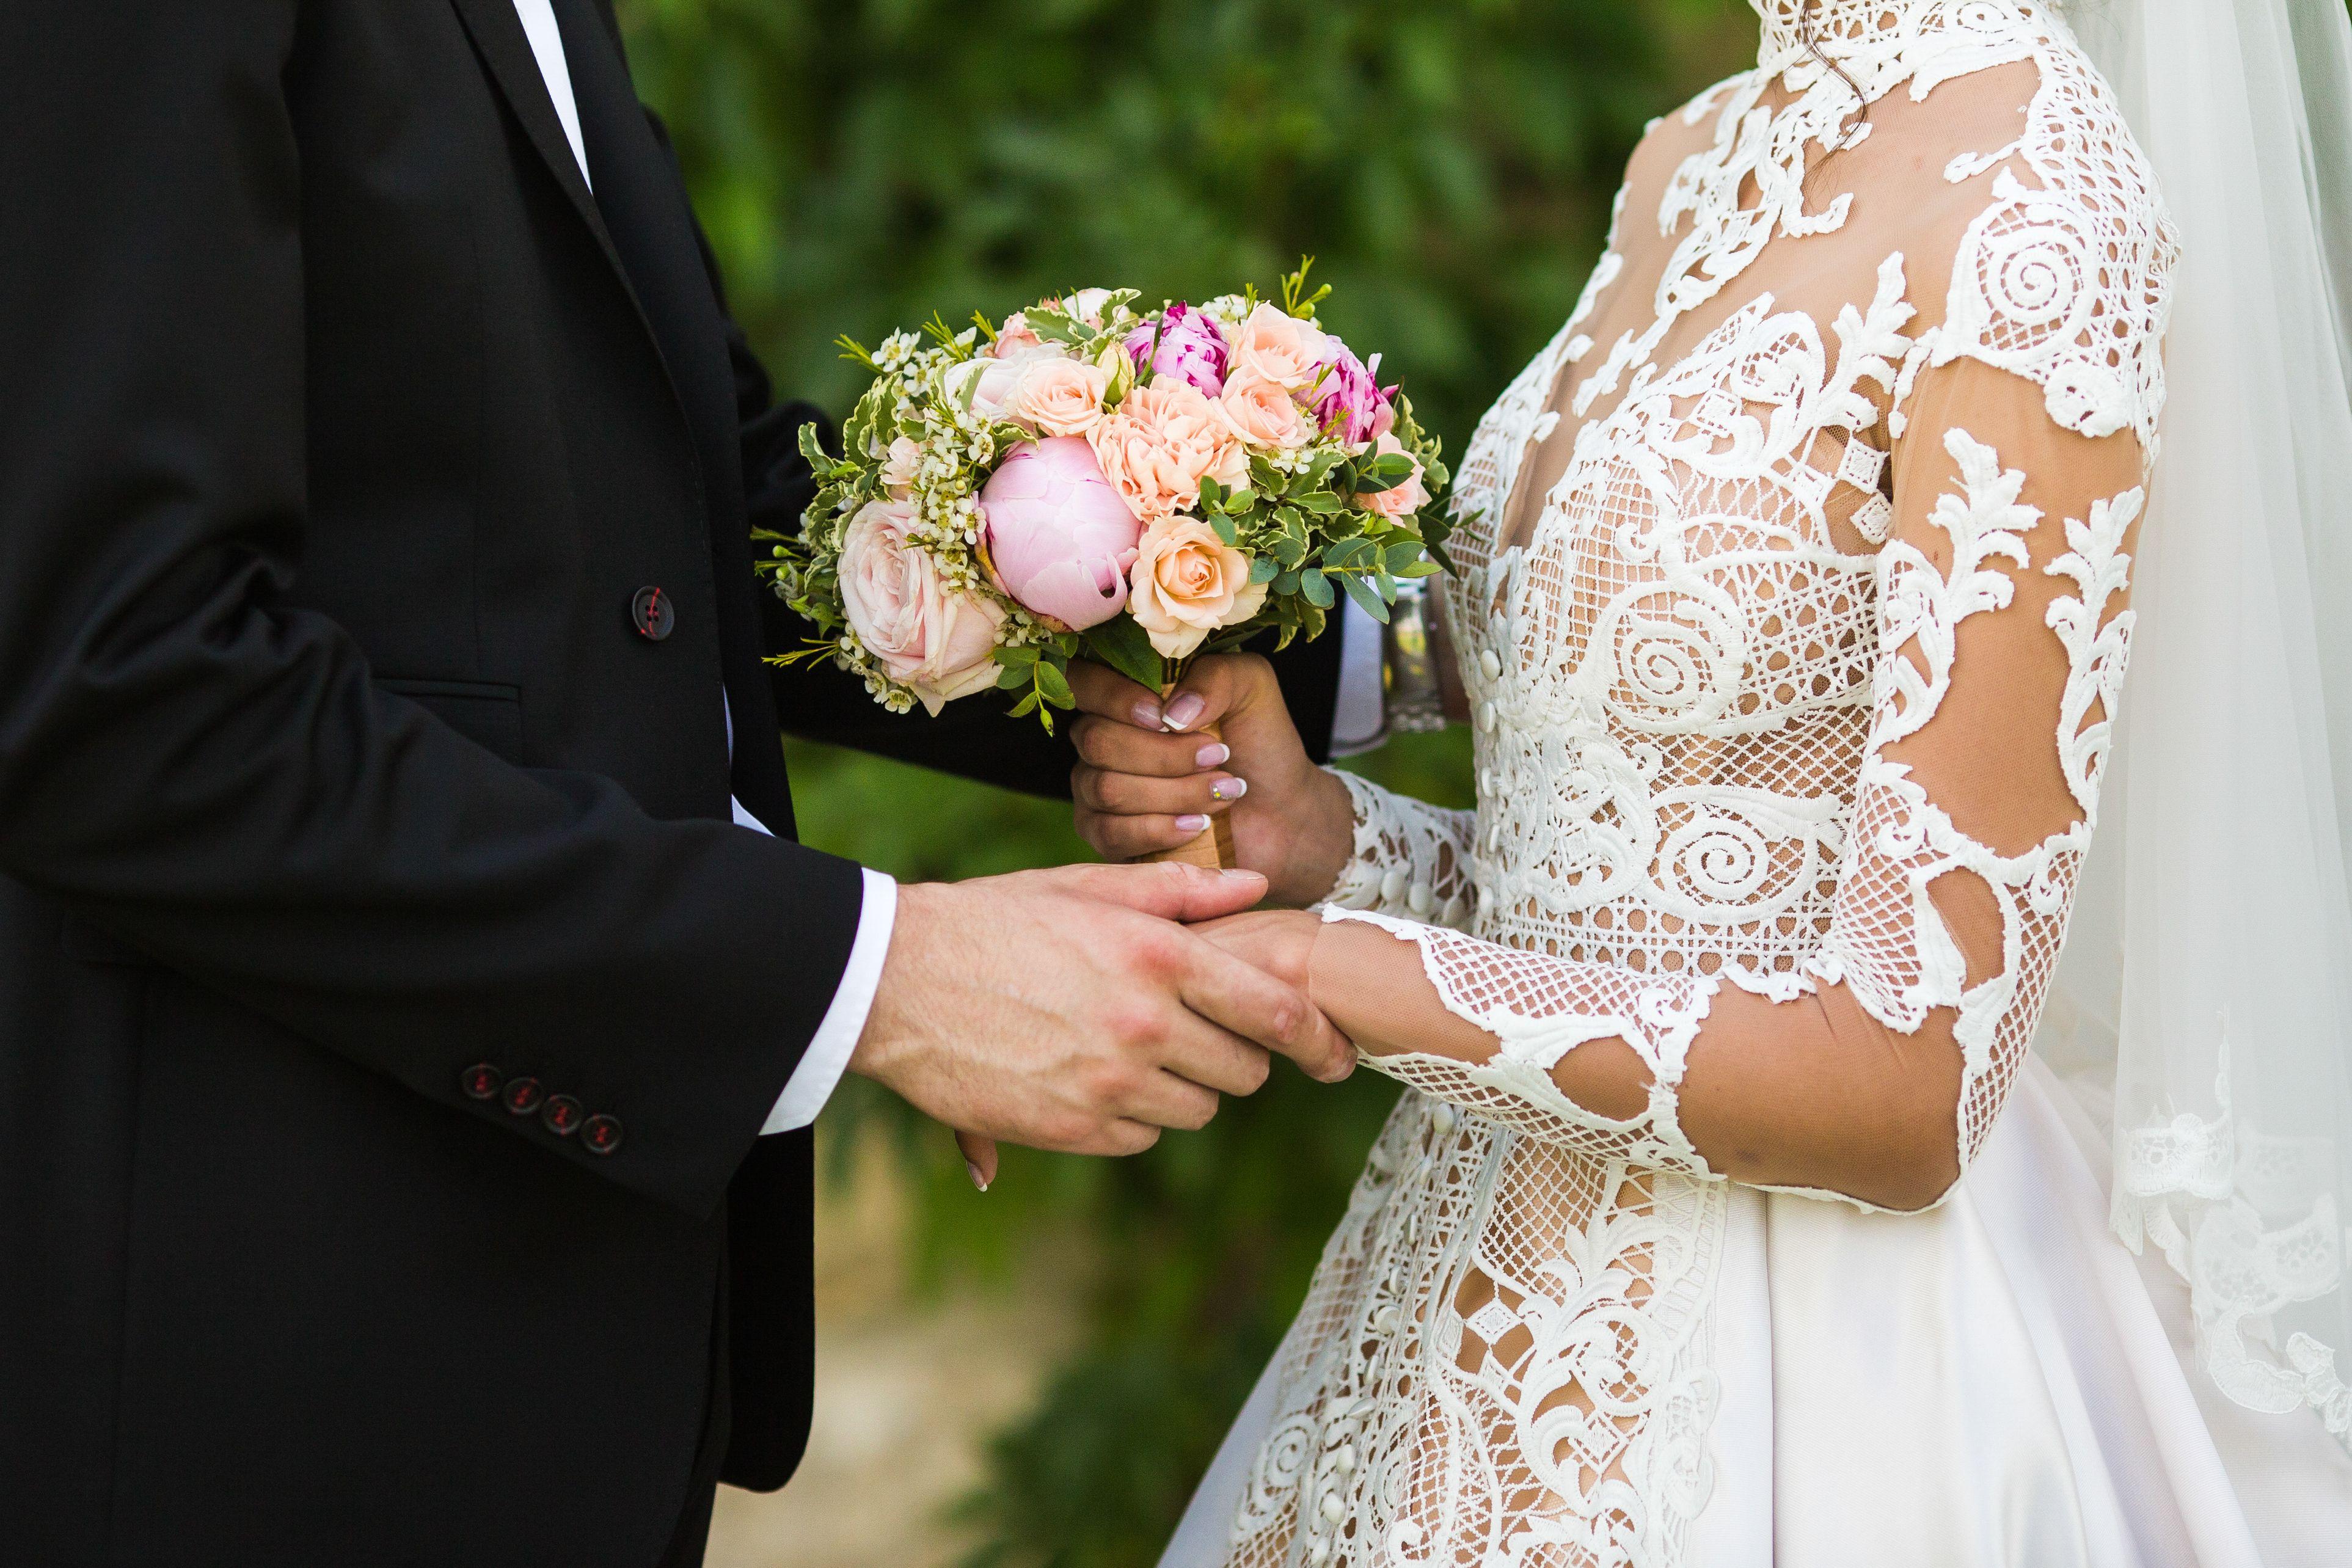 """Младоженци избират """"Двореца"""" на дата с осмици"""